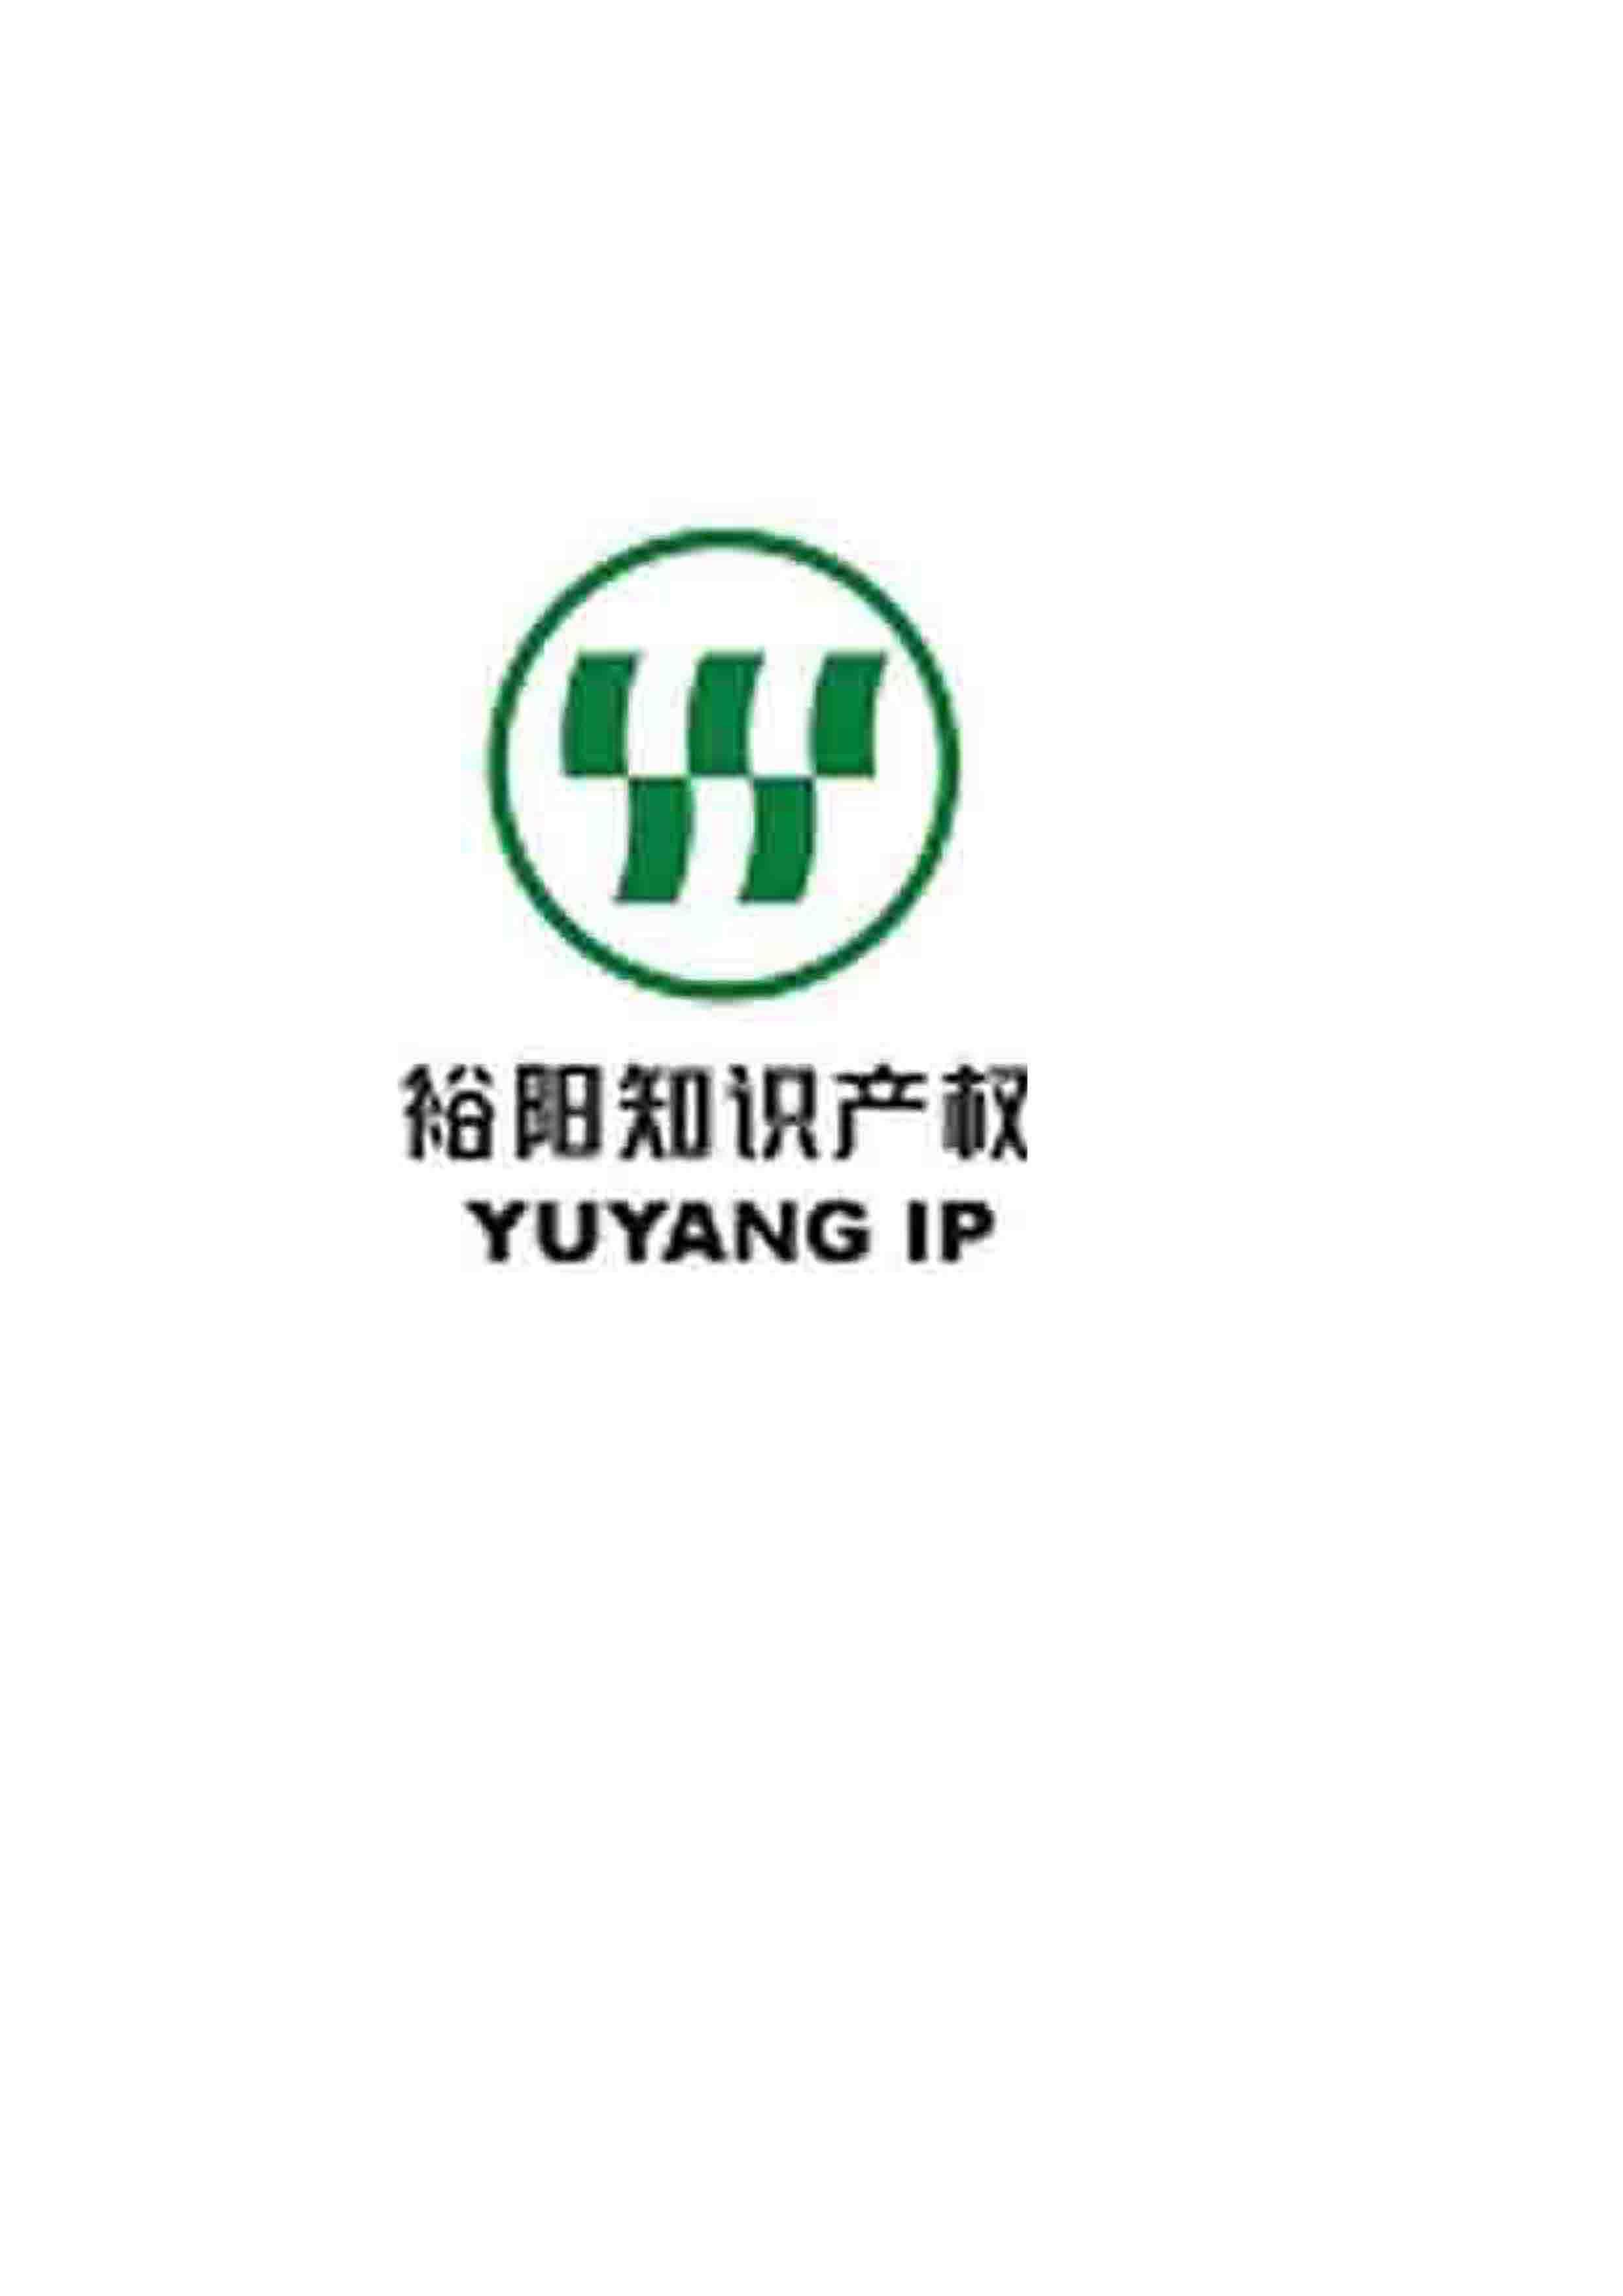 裕阳知识产权加盟图片